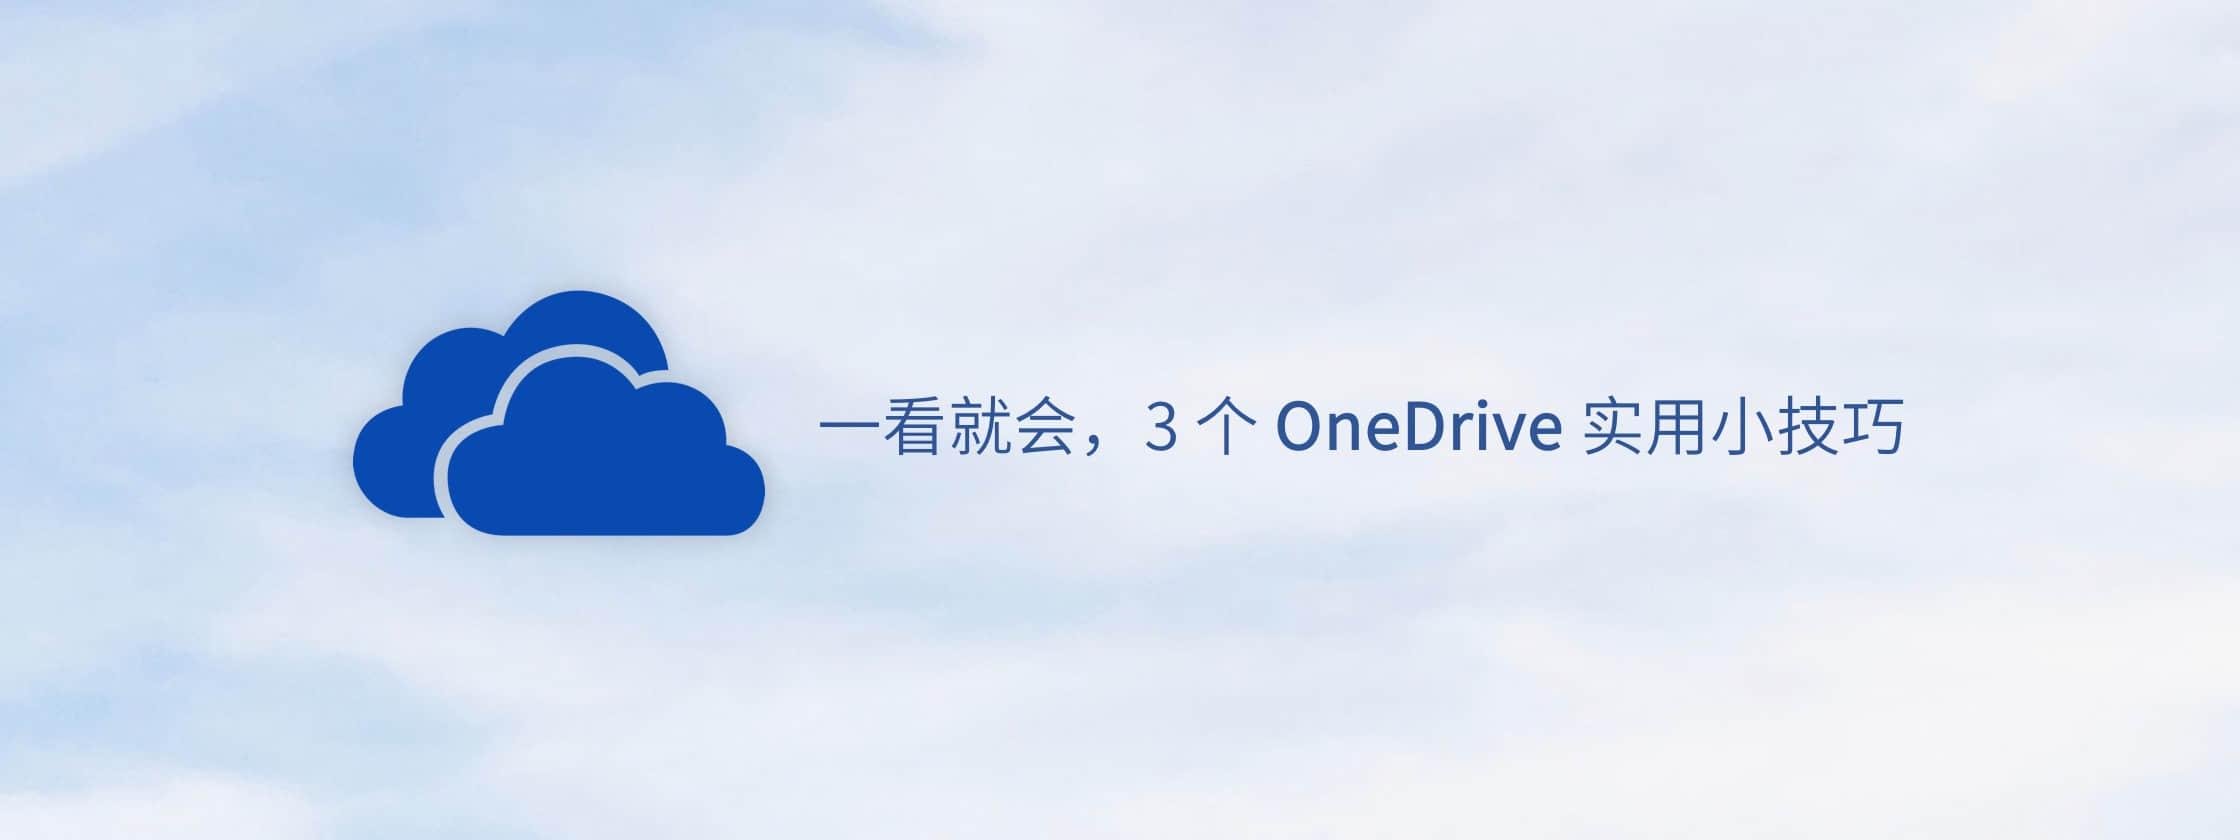 入手正版 Office 后的 1 TB OneDrive 空间怎么用?3 个能帮到你的小技巧